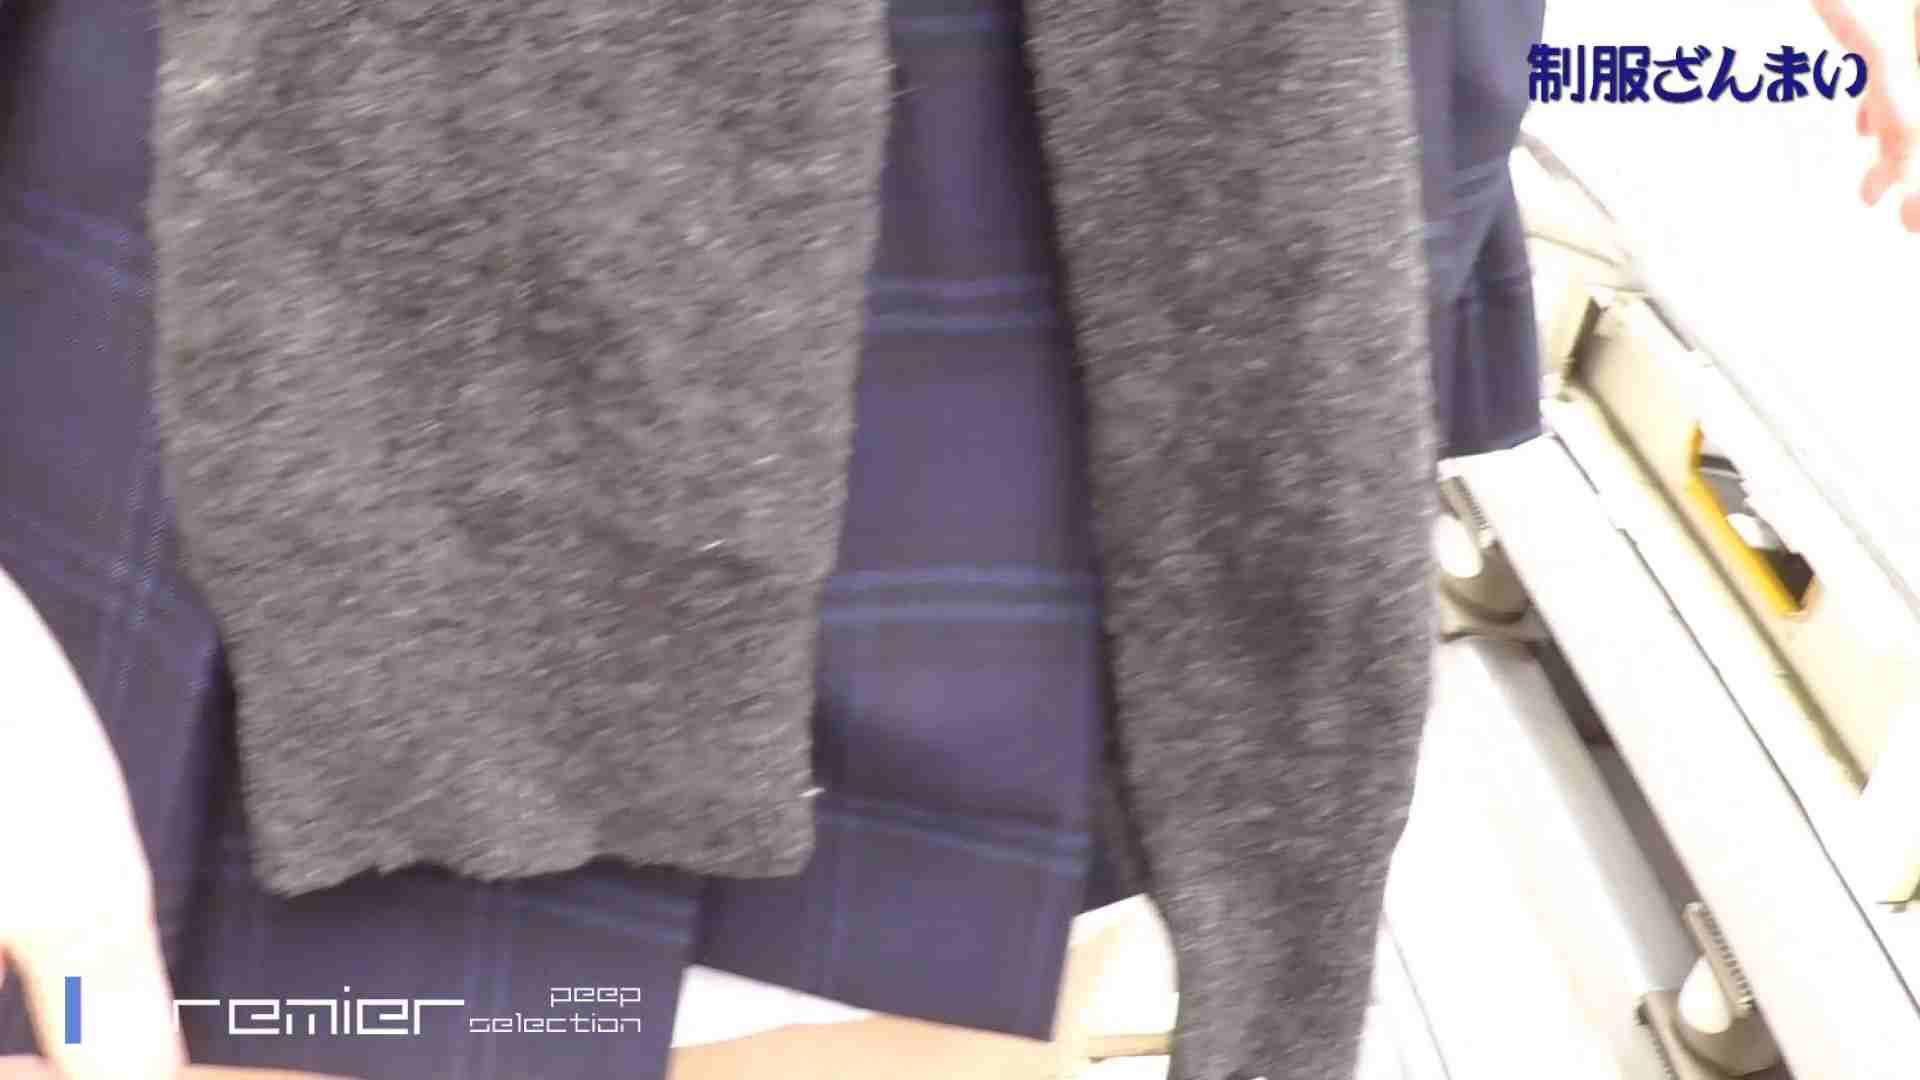 パンツを売る女 Vol.23制月反女子変態ざんまい前編 高画質  93PIX 56